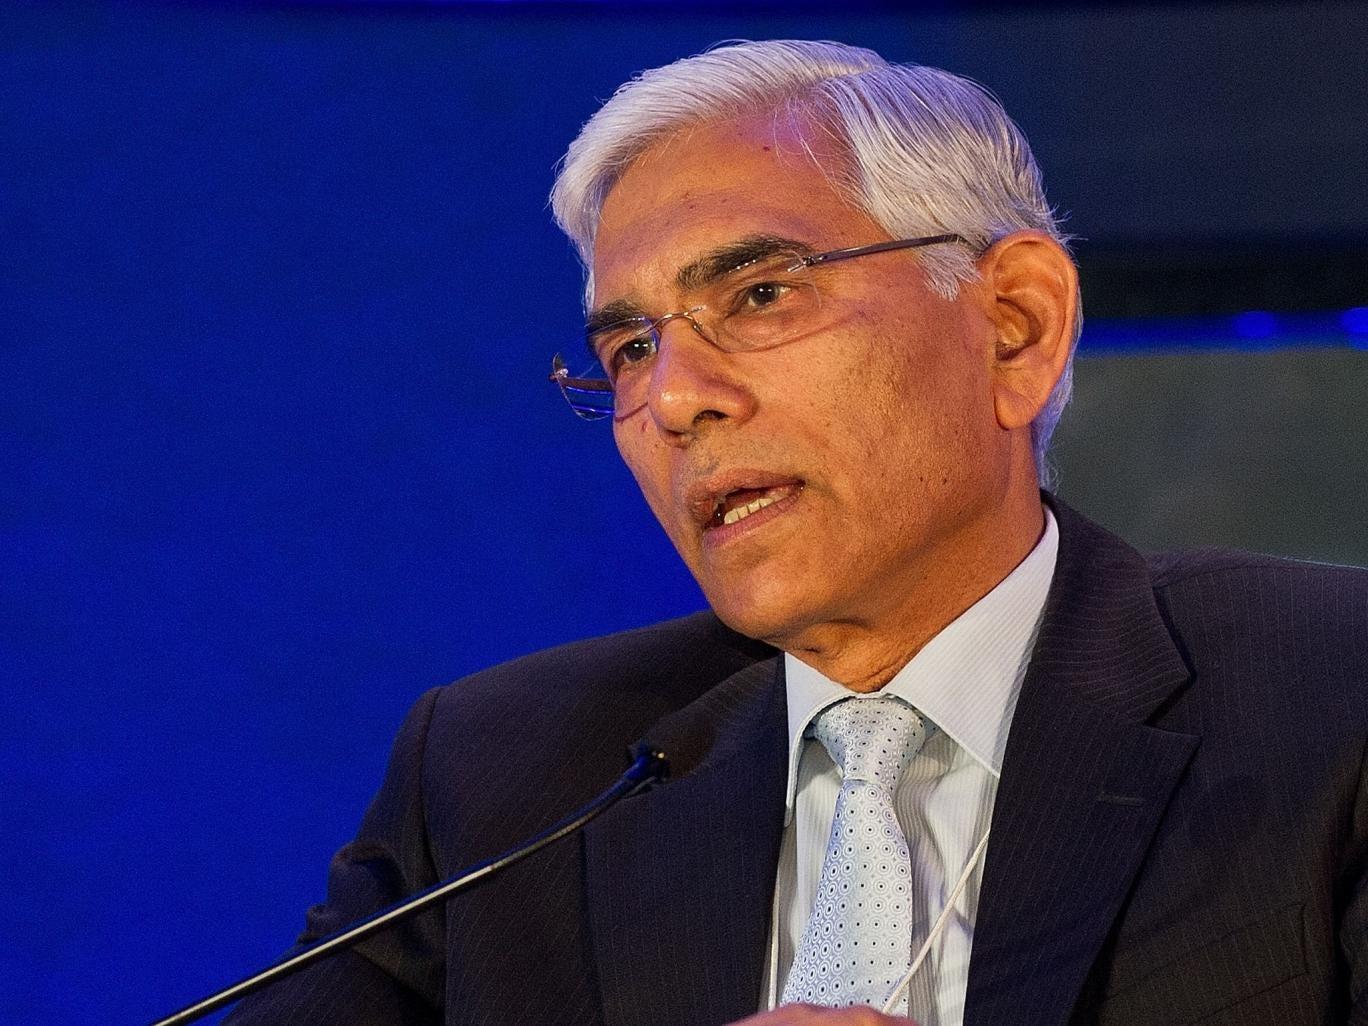 Vinod Rai is India's chief auditor